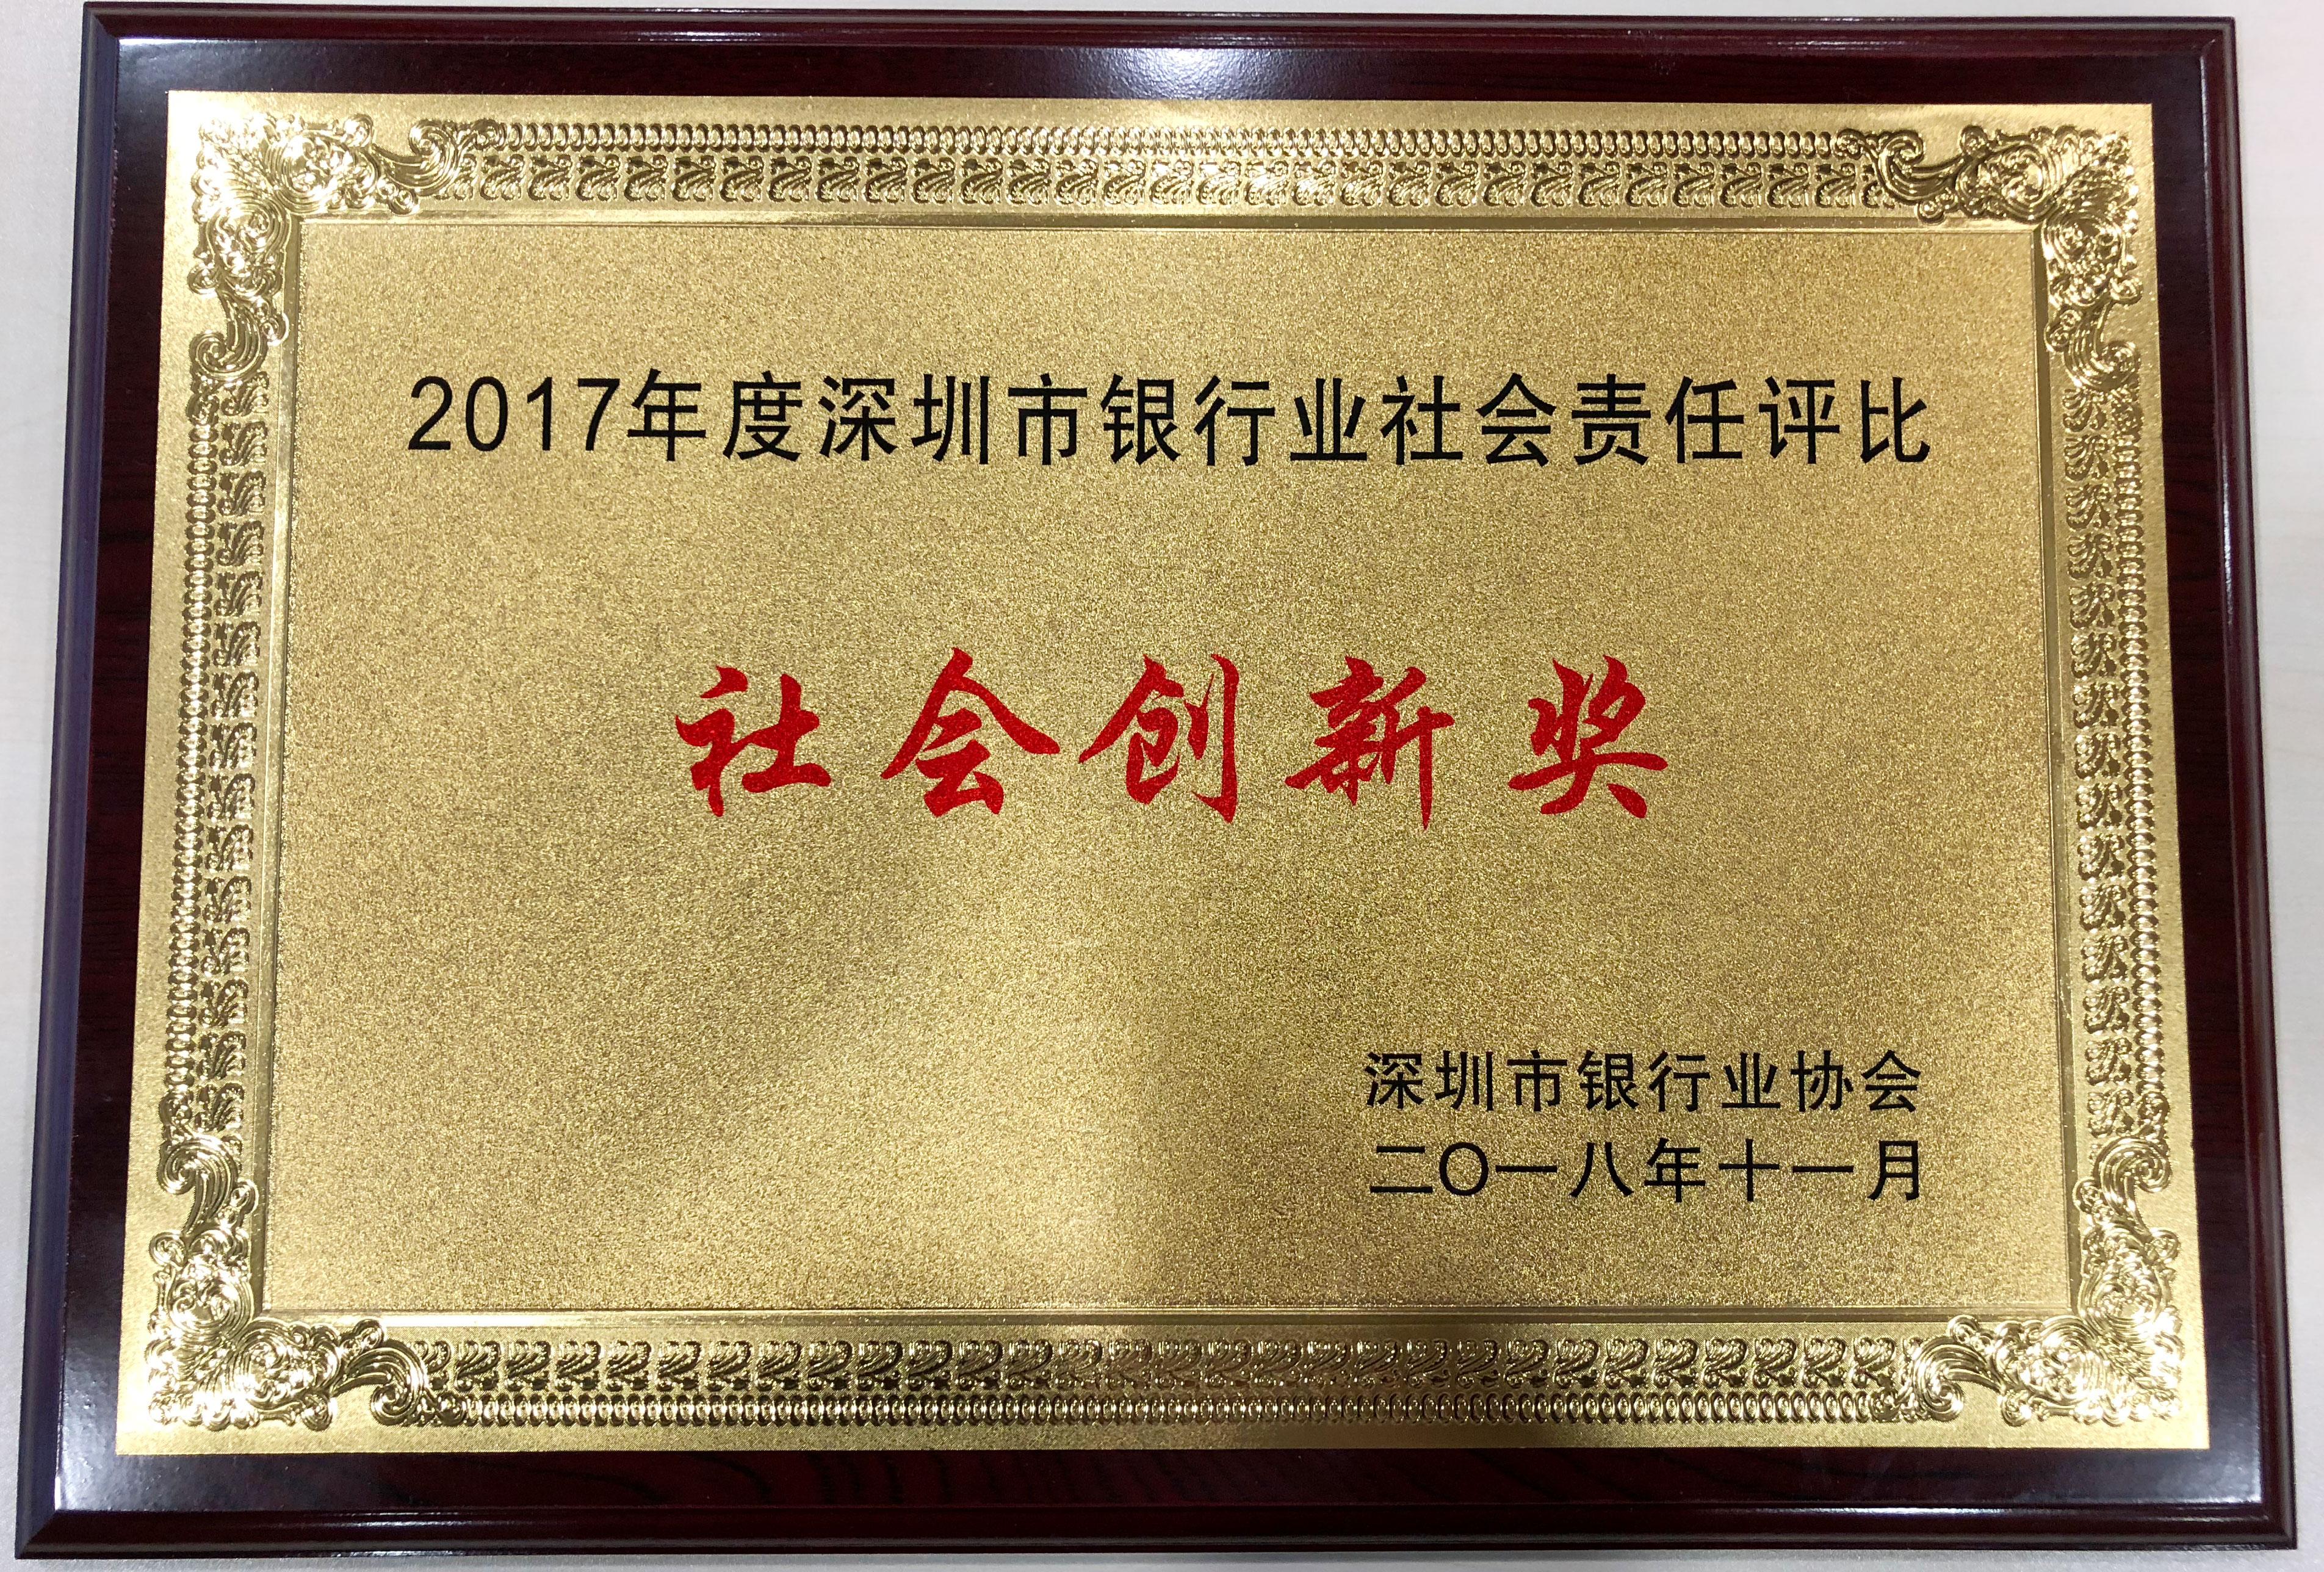 2018年11月,中信银行深圳分行获2017年度深圳市银行业社会责任评比社会创新奖。